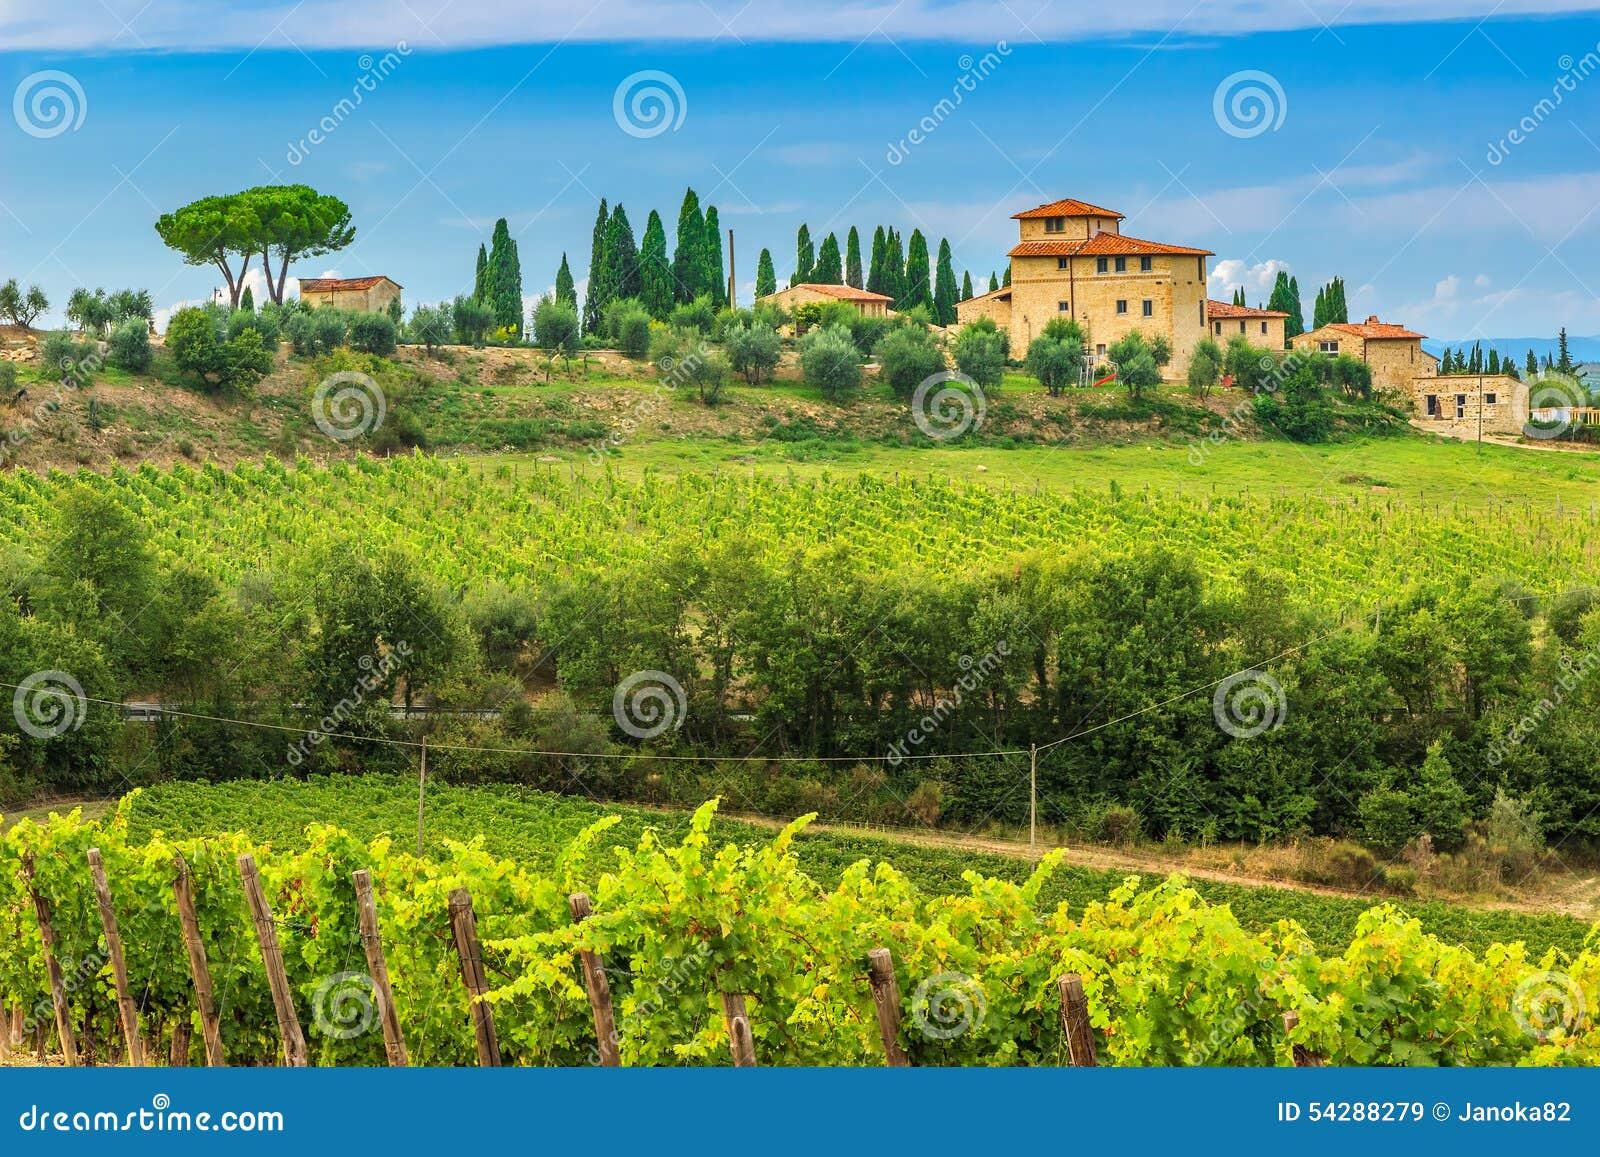 Ландшафт виноградника Chianti с каменным домом, Тосканой, Италией, Европой